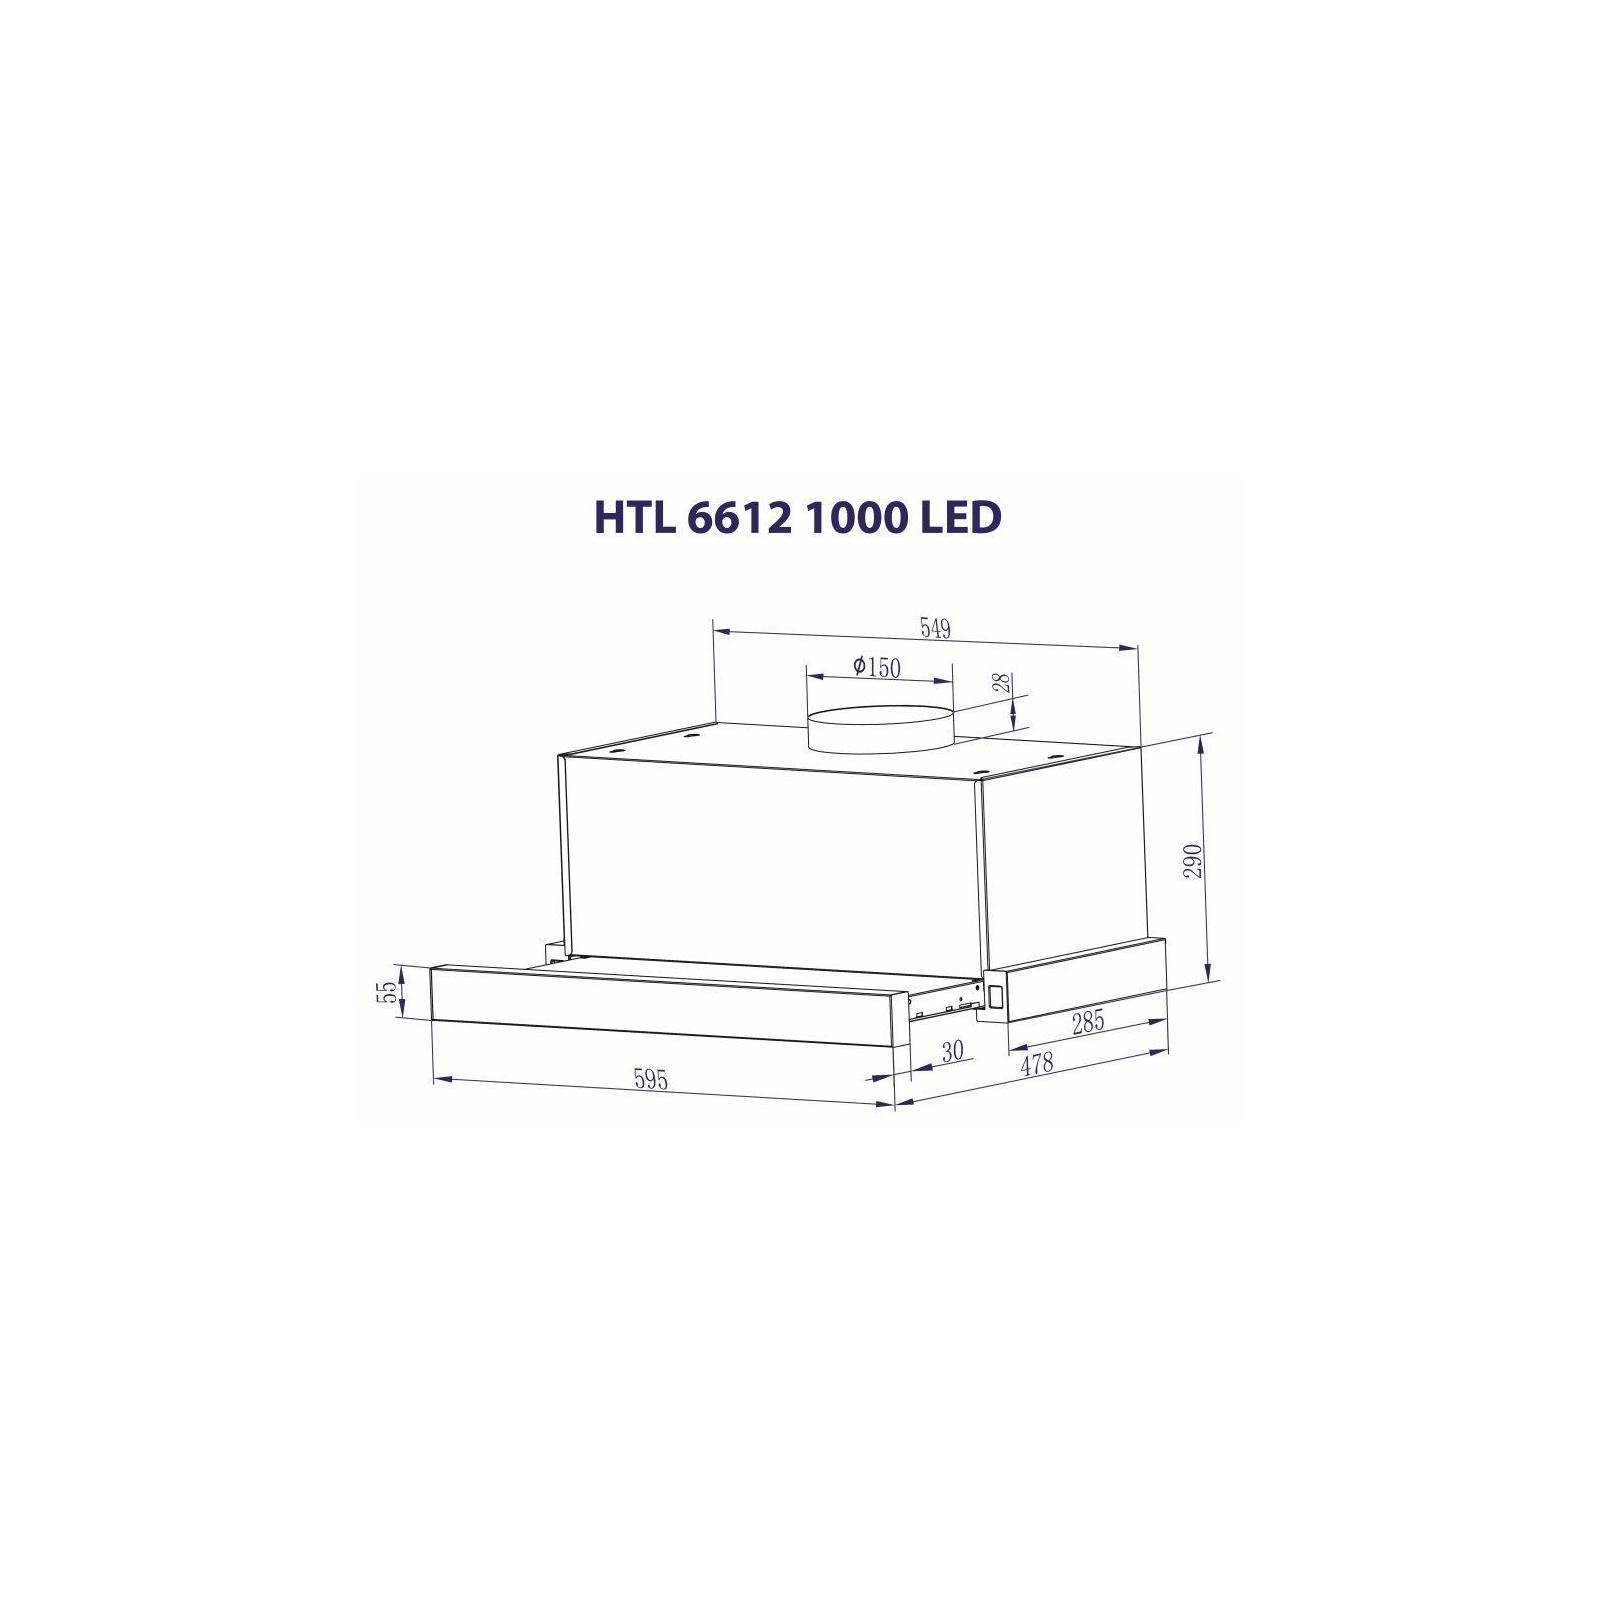 Вытяжка кухонная MINOLA HTL 6612 I 1000 LED изображение 9